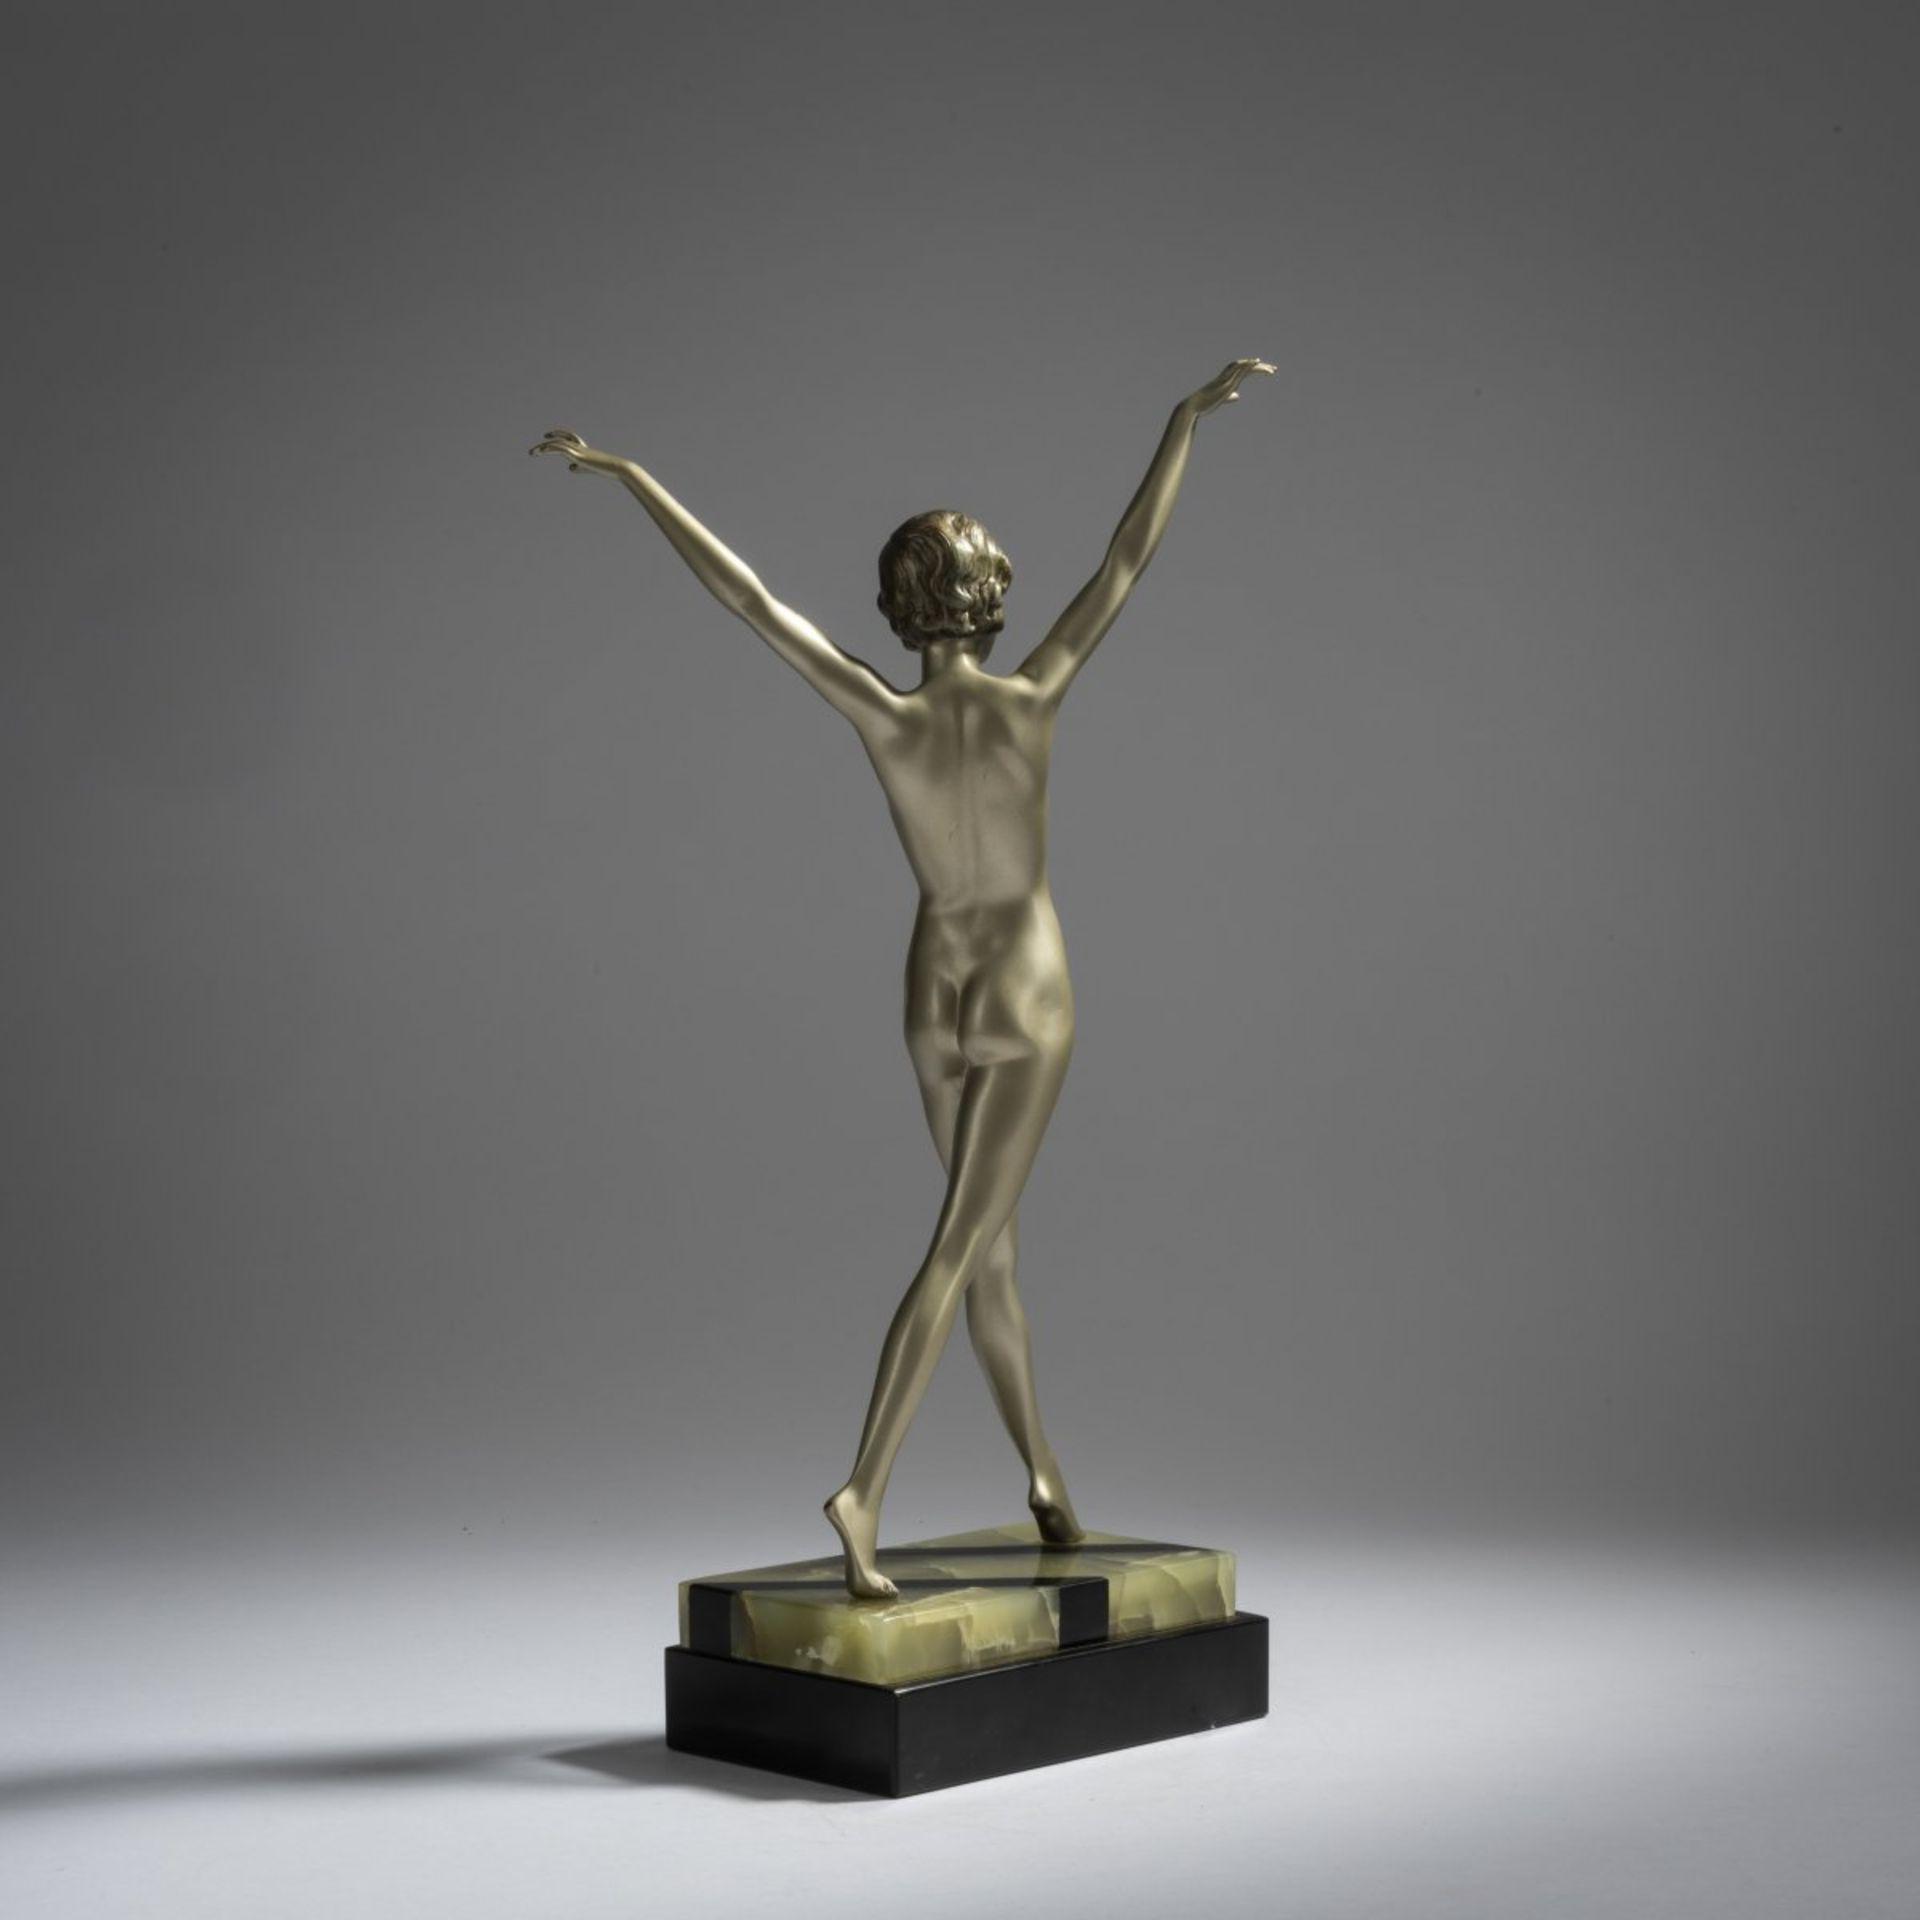 Ferdinand Preiss, Tänzerin, um 1930 - Bild 6 aus 9